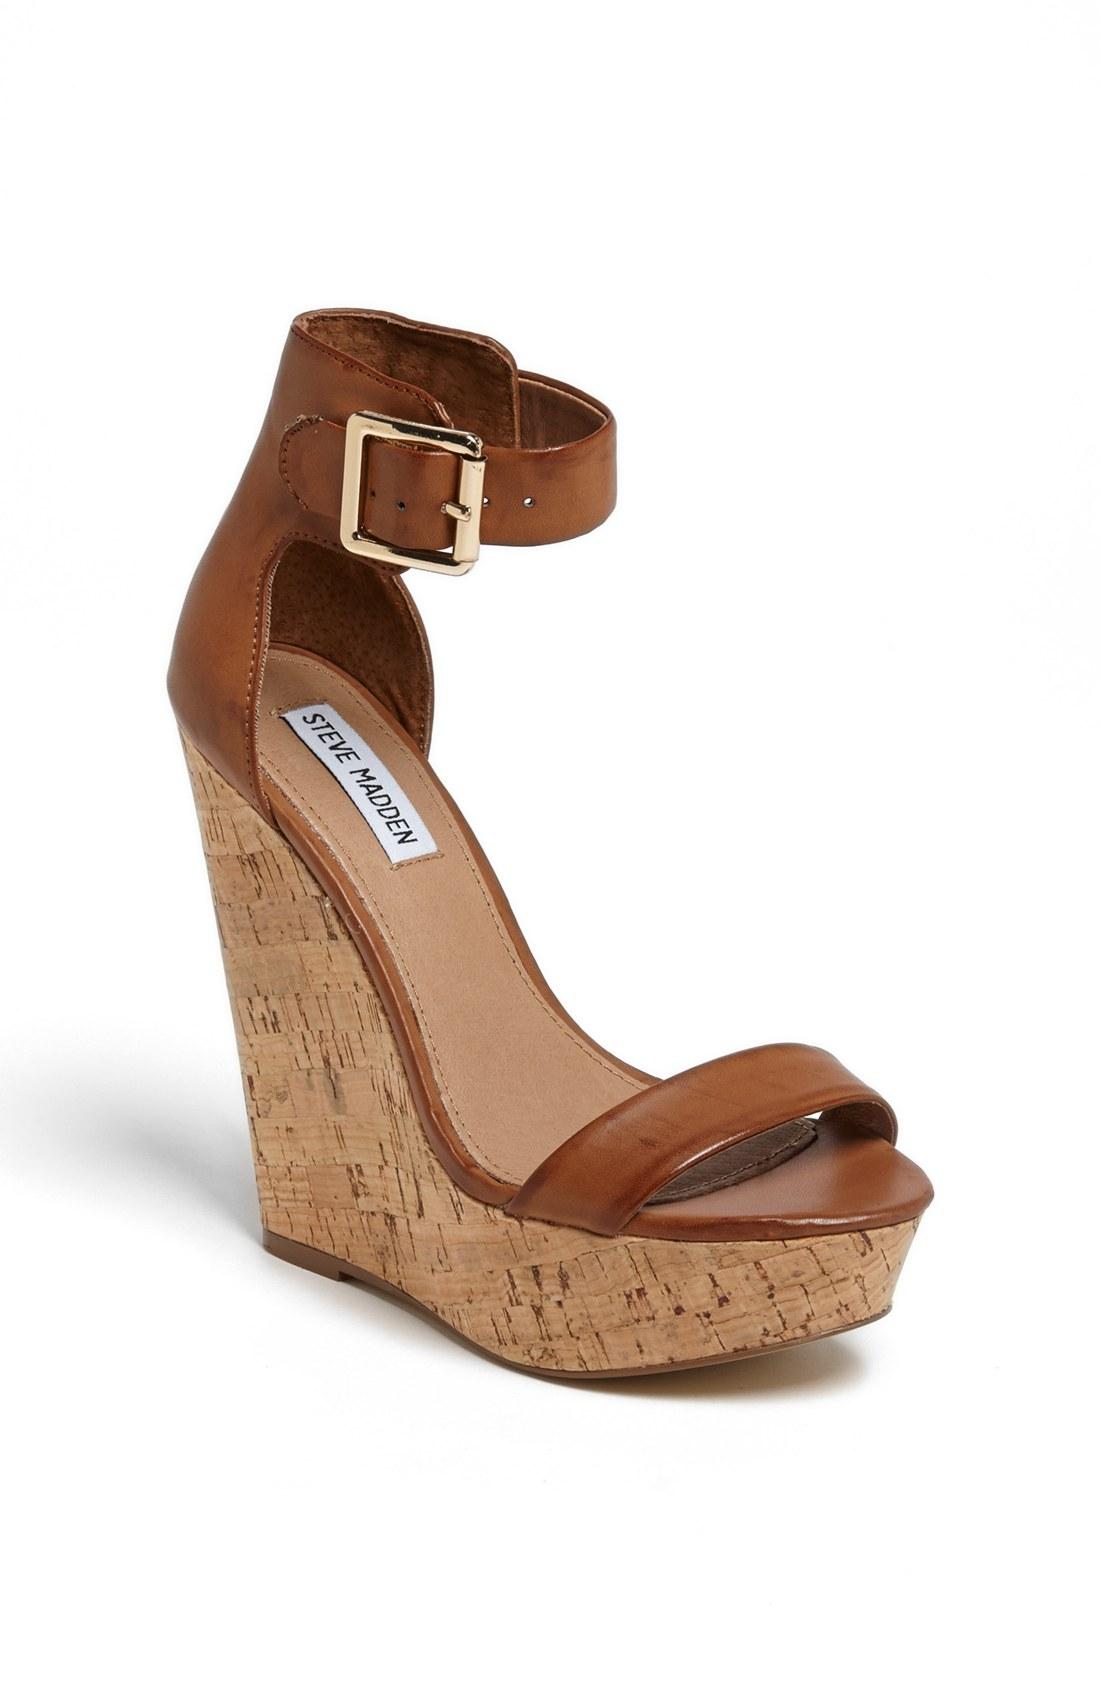 Talbots Shoes Uk